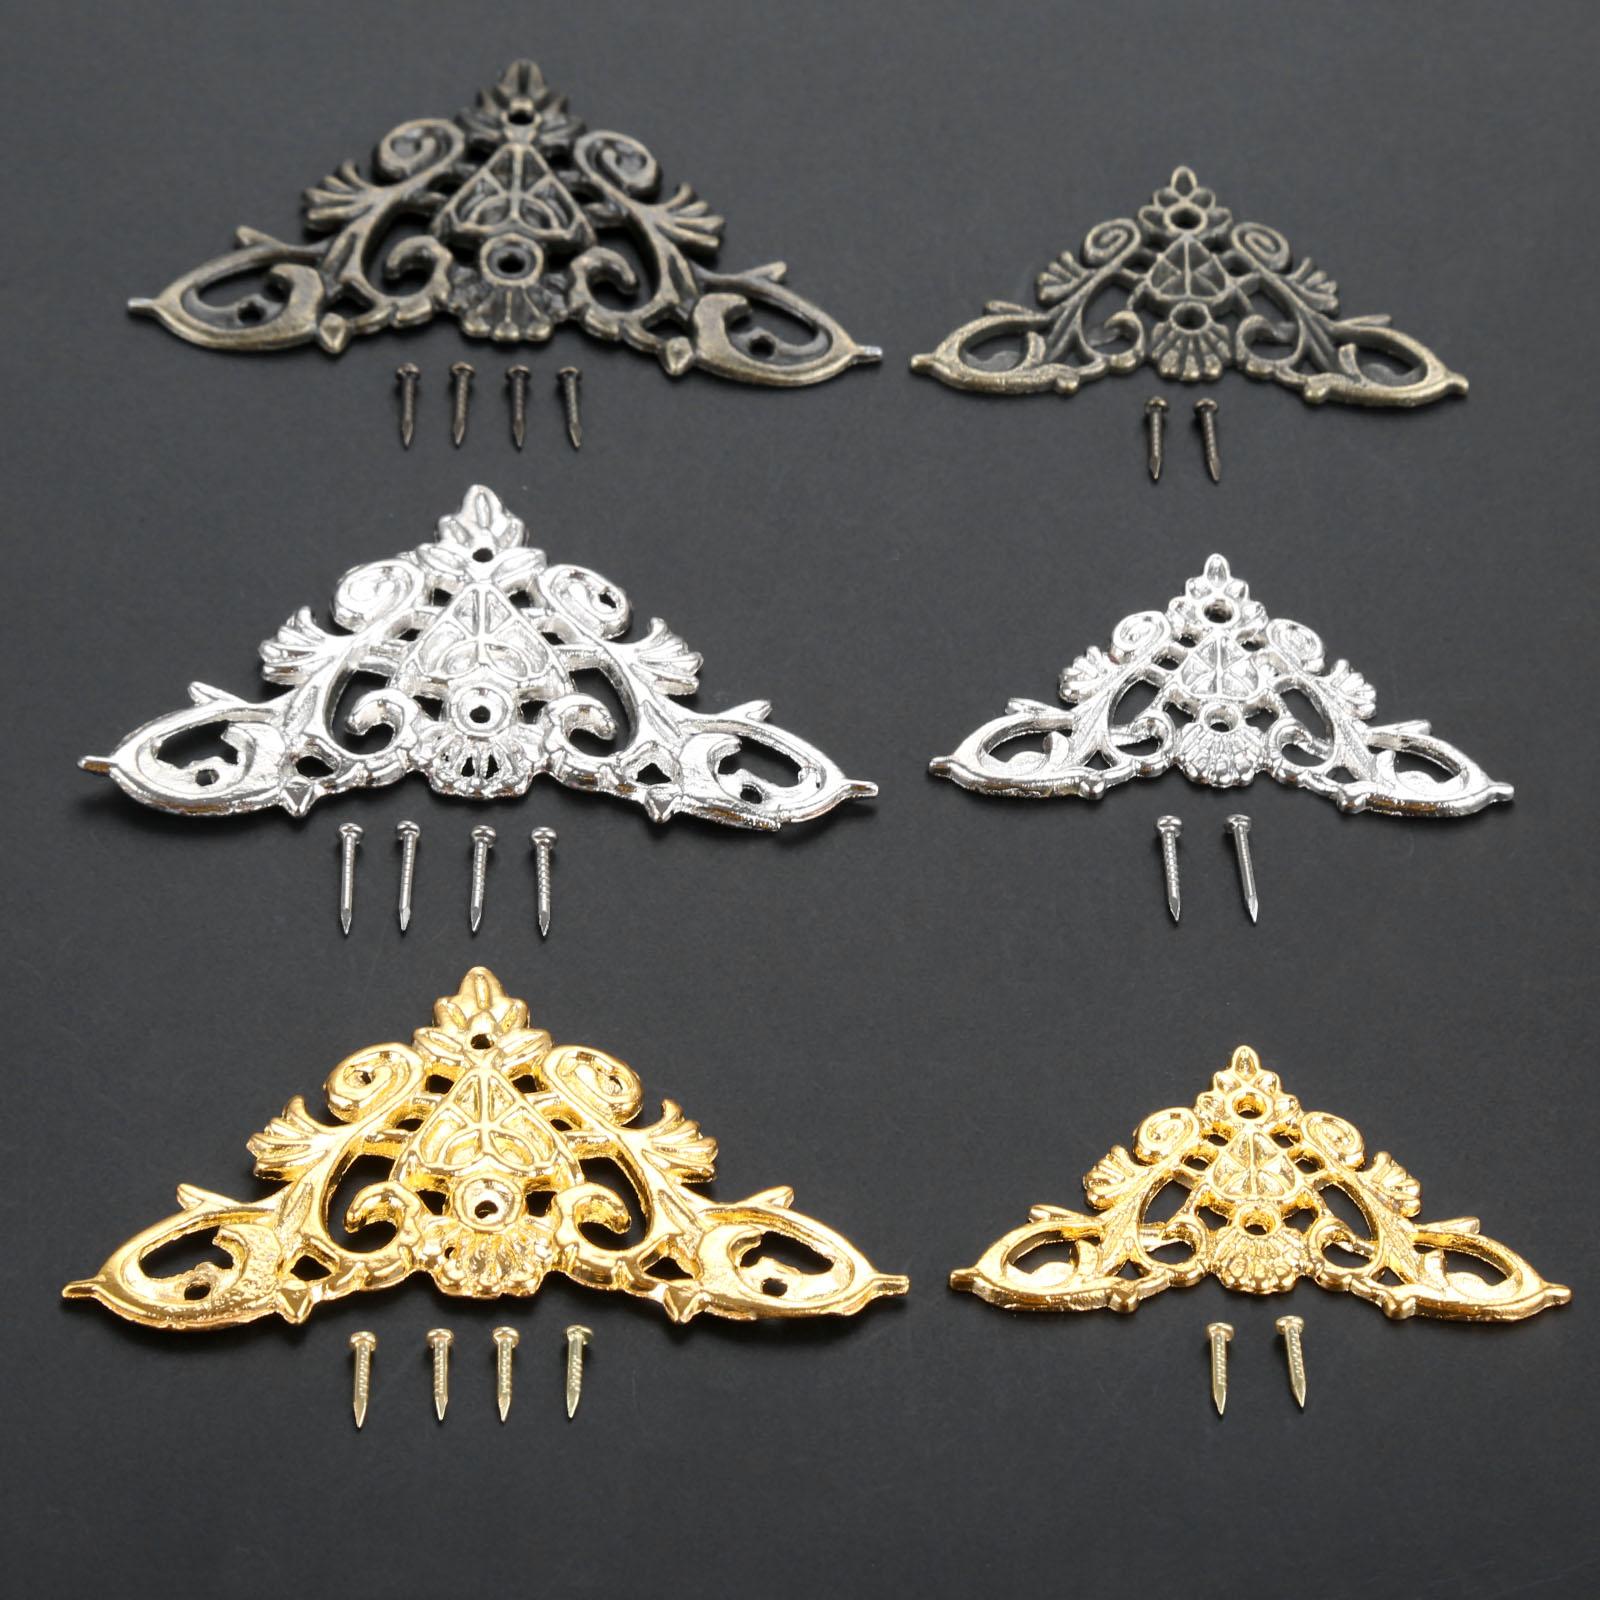 4Pcs Antique Bronze Decorative Protectors Jewelry Gift Box Album Feet Leg Corner Protector Drop Ship